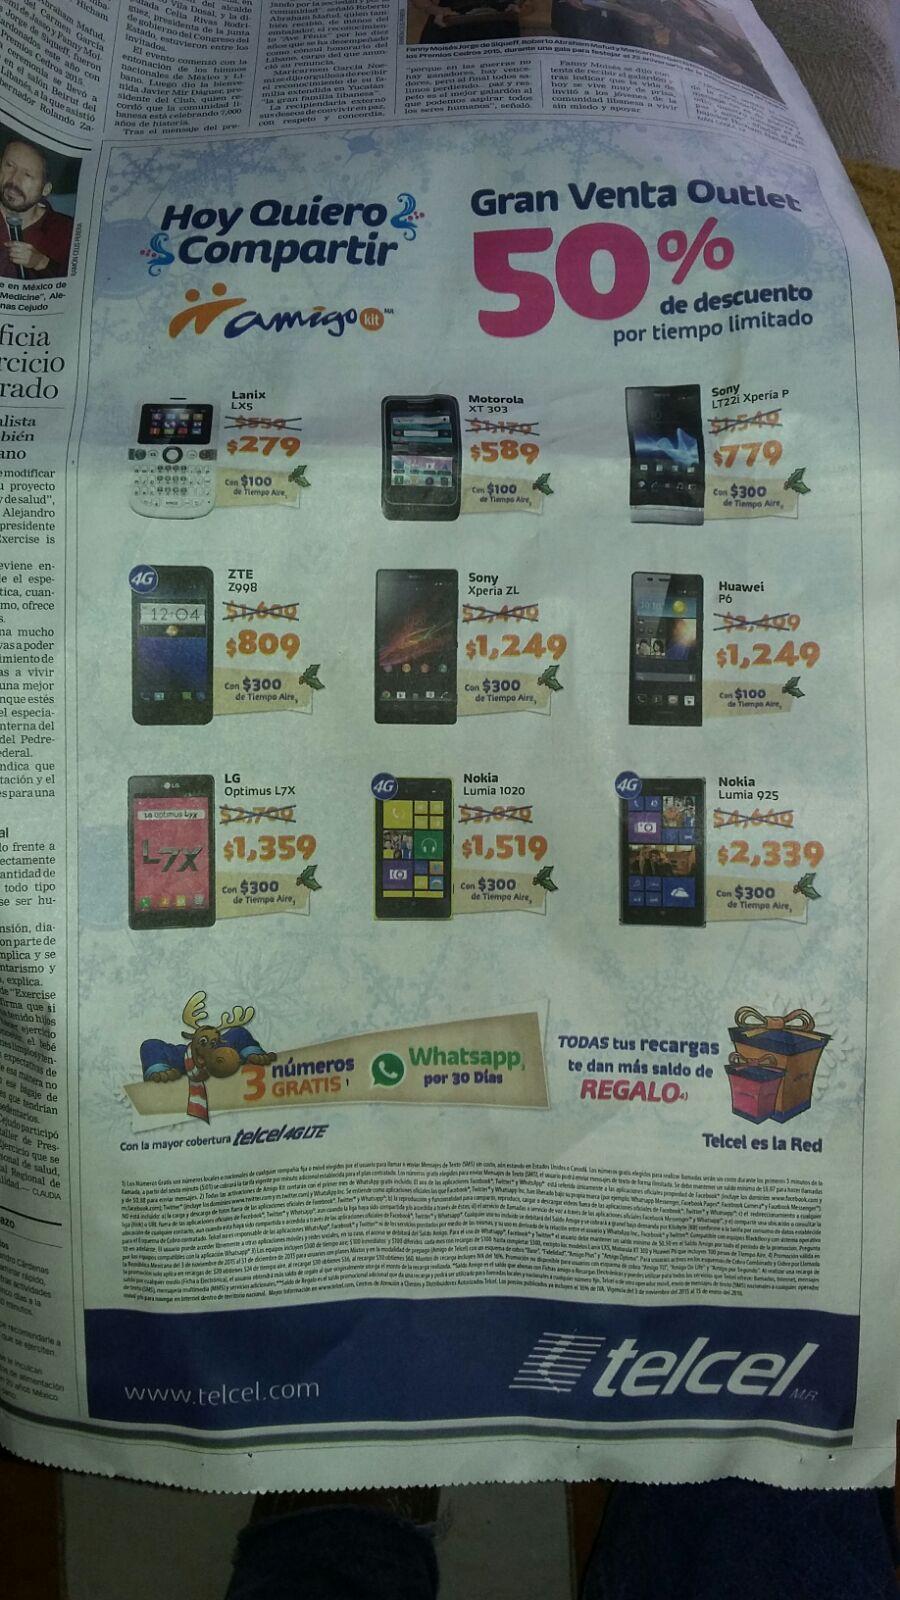 Gran venta de liquidación Telcel (R8)